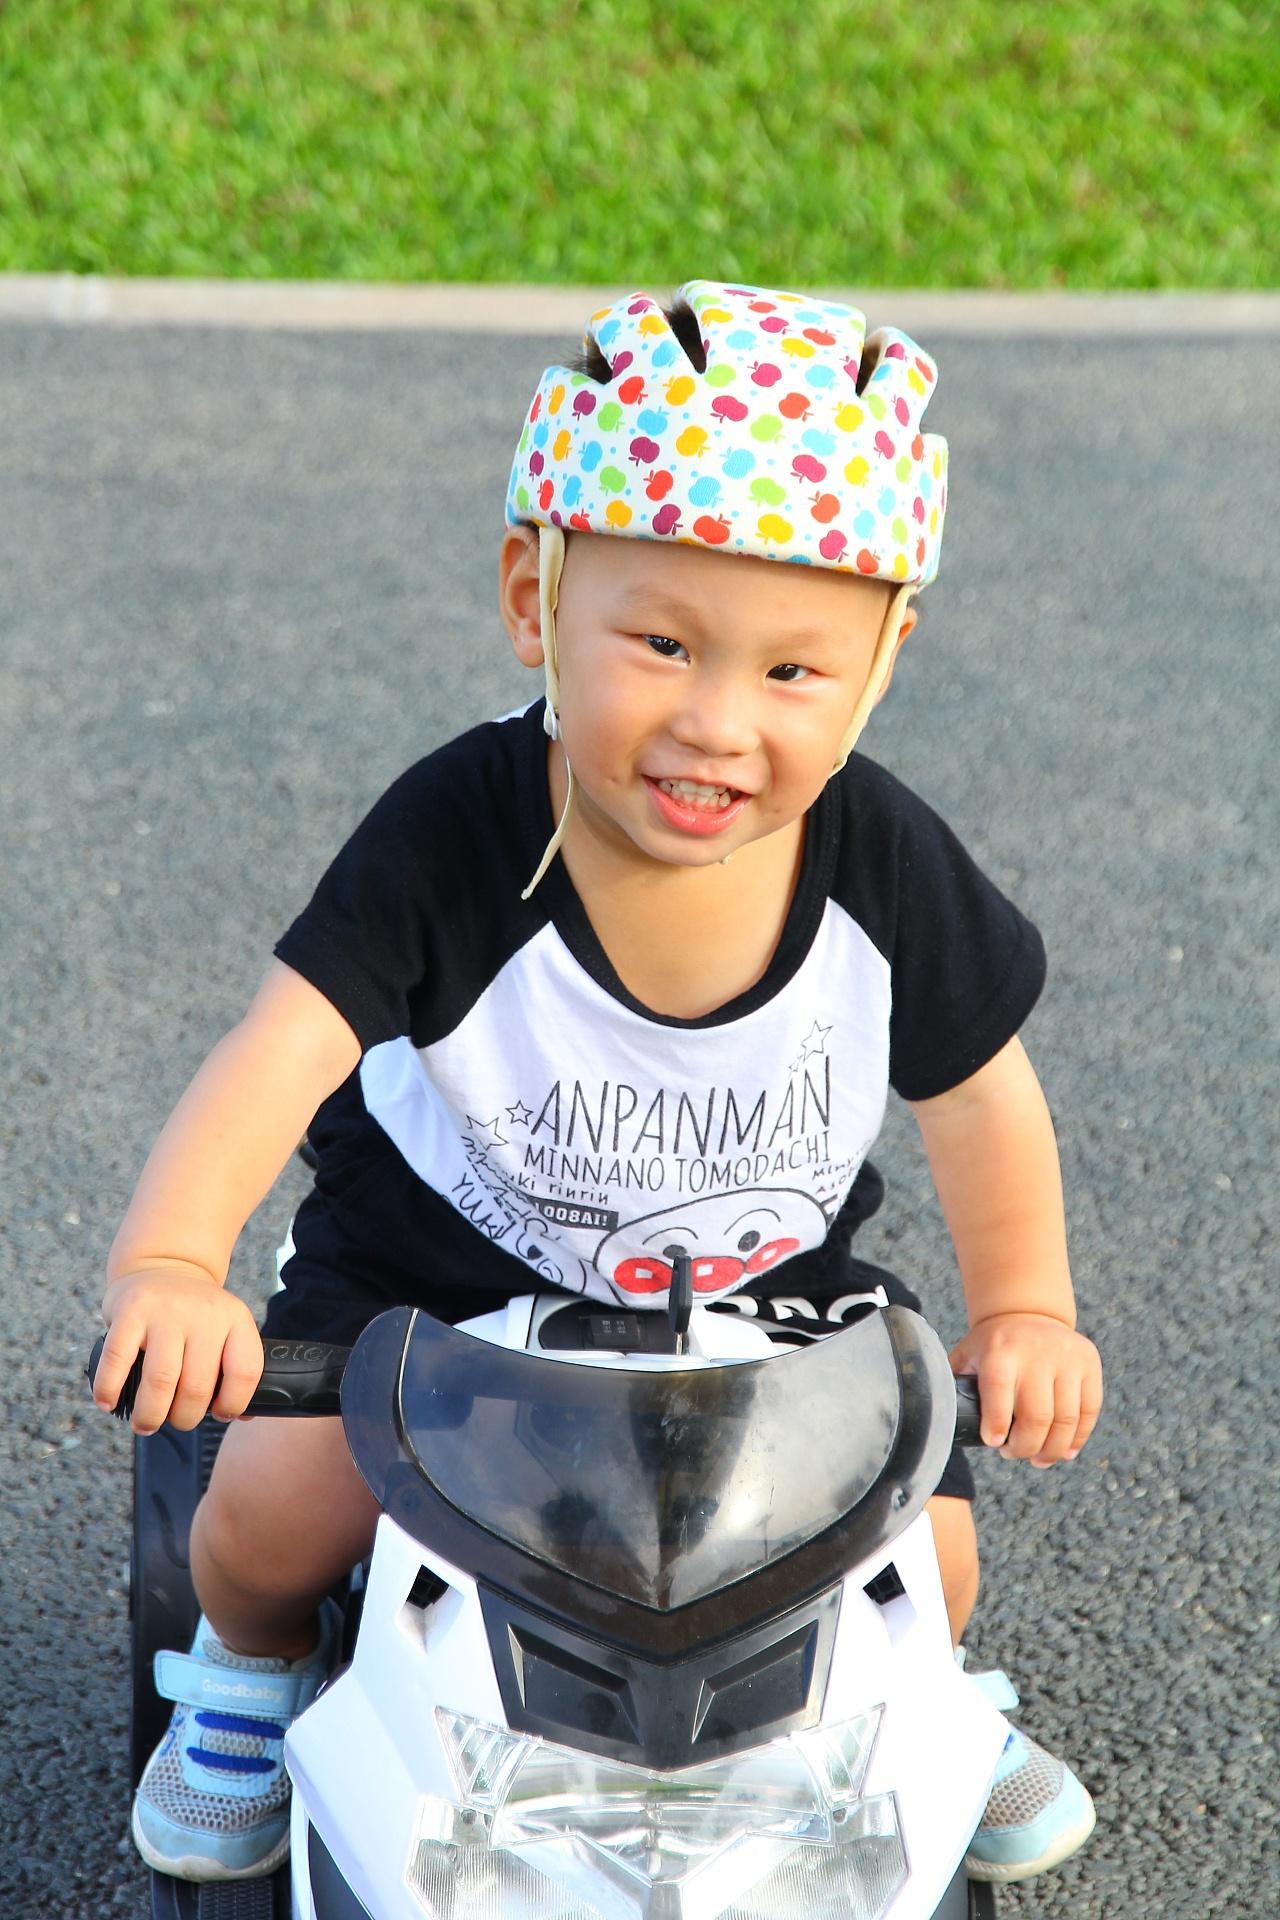 宝宝拍照造型_17M 机车男孩 | 李皮皮|摄影|人像|怕冷的月饼 - 原创作品 - 站酷 (ZCOOL)